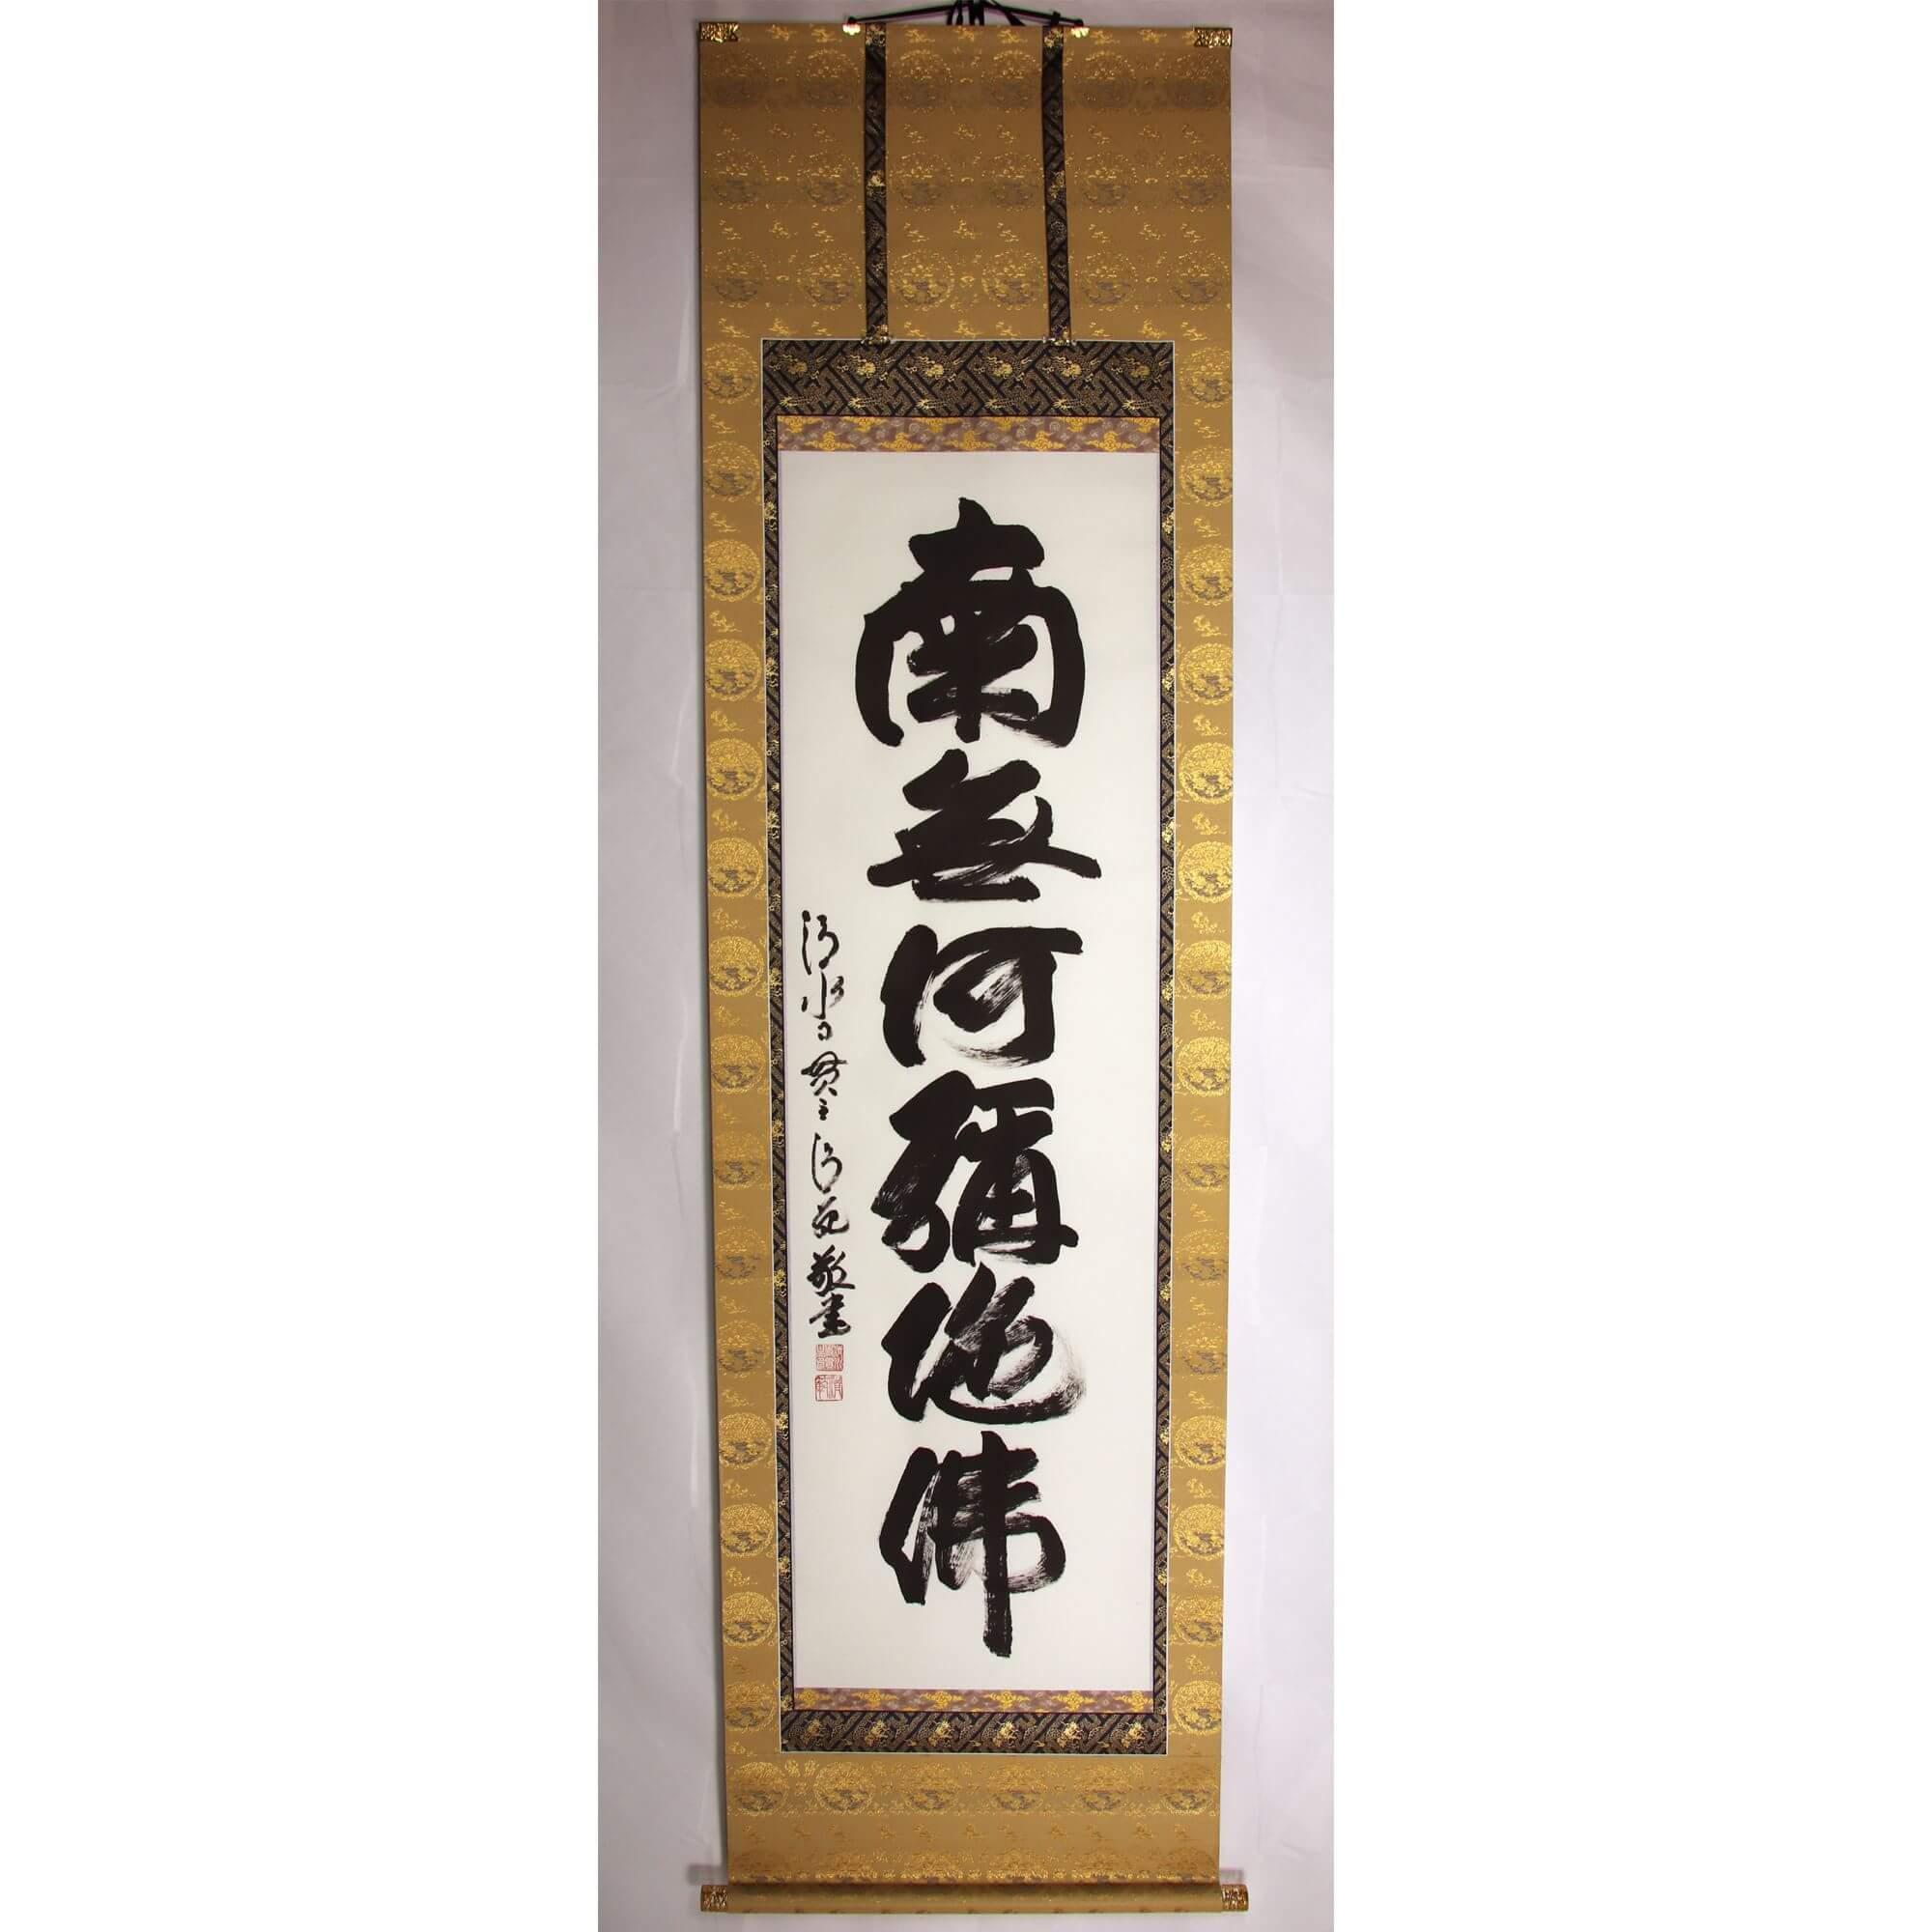 森清範 / 六字名号: 南無阿弥陀仏